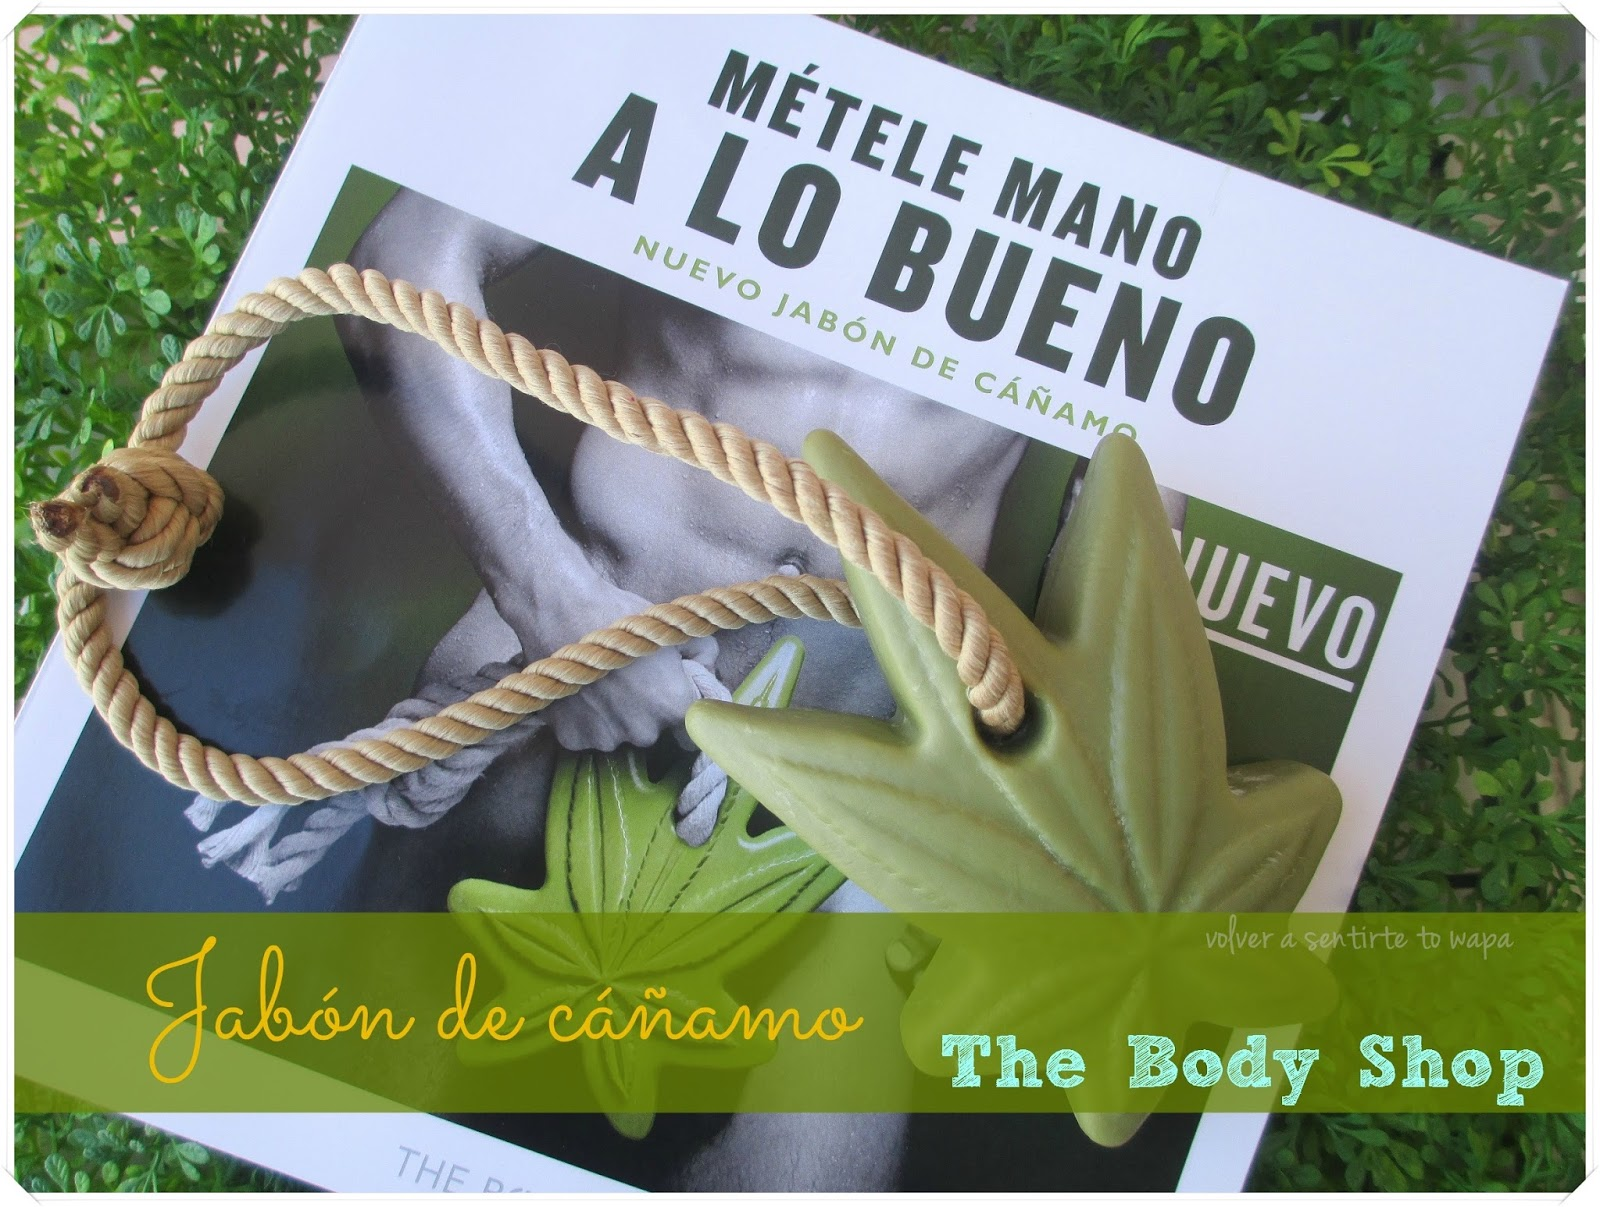 Jabón de Cáñamo de The Body Shop